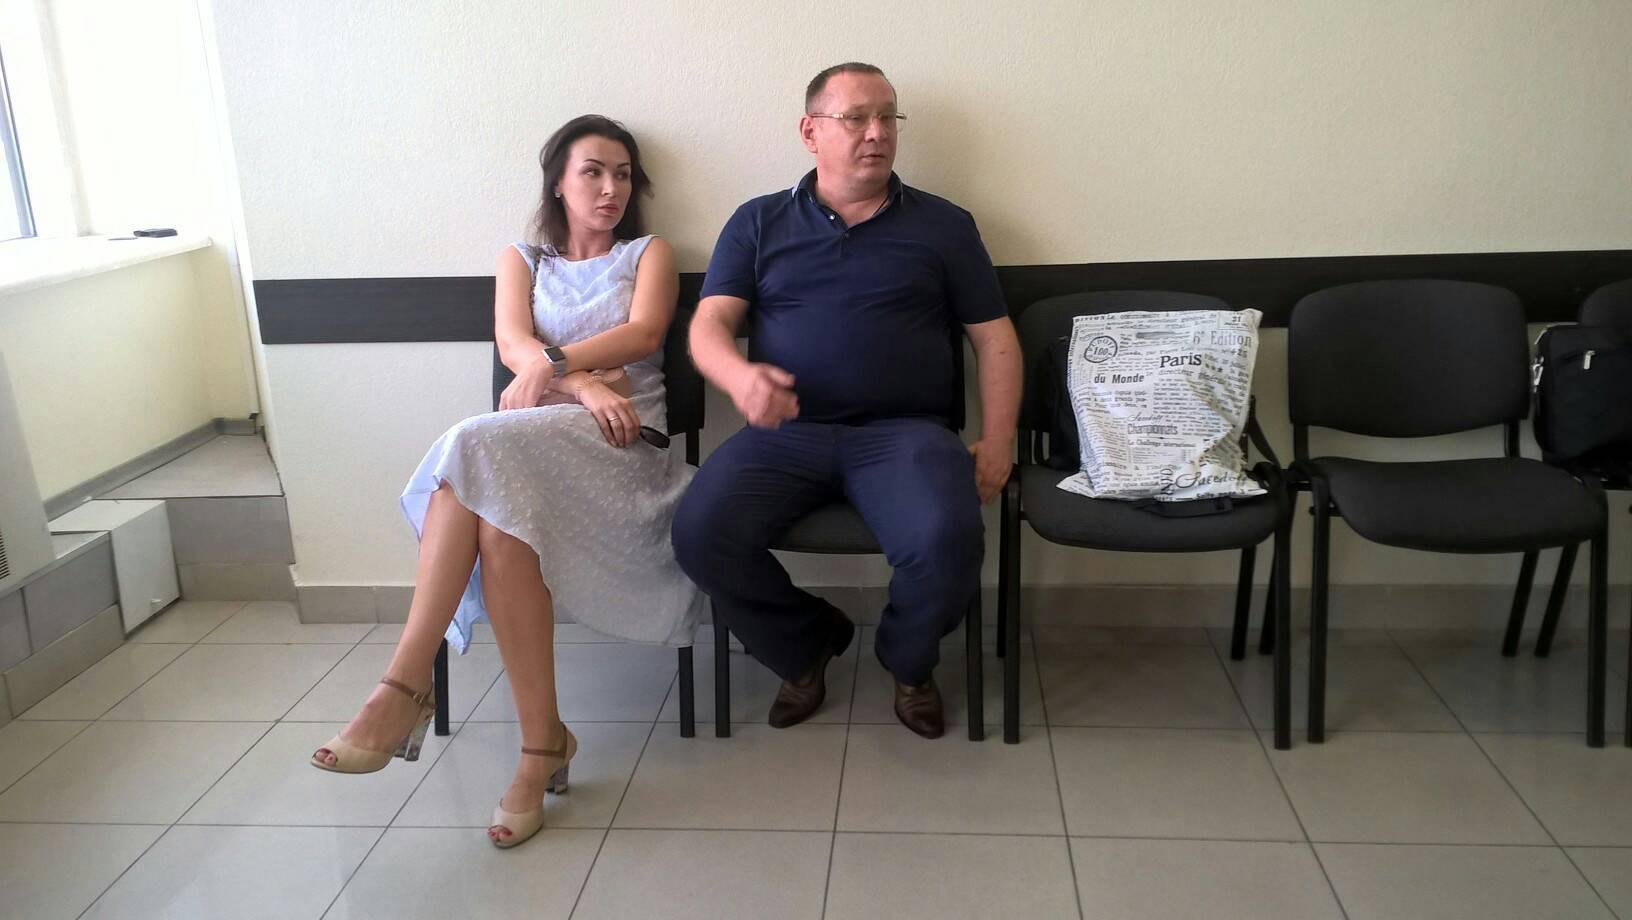 Скандального забудовника Репу приведуть на наступне судове засідання під вартою, щоб не ховався у лікарні – клопотання ГПУ